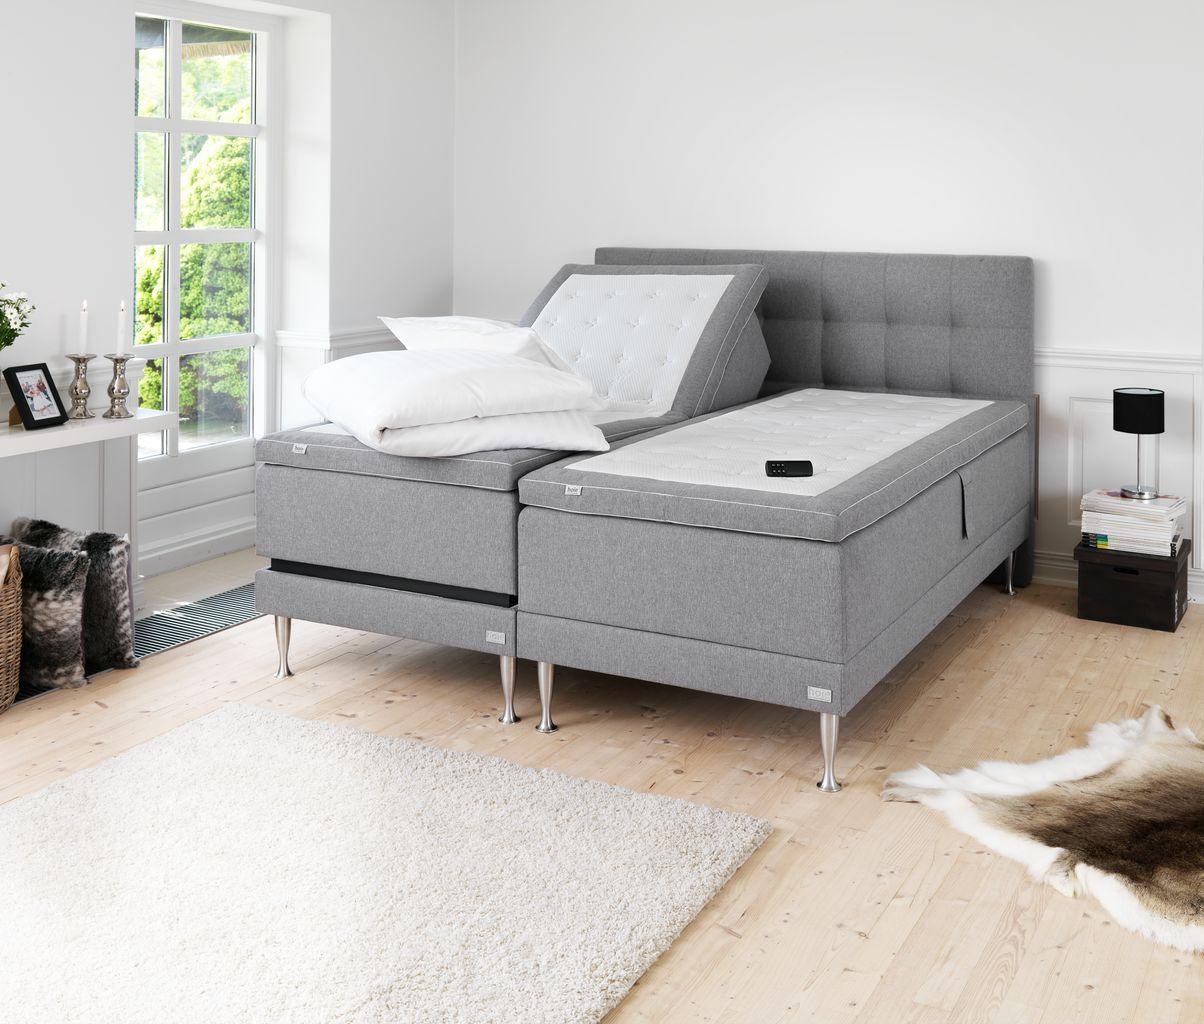 Tidsmæssigt HØIE 200 reg.bar seng 90x200 ramme grå | JYSK UL-52